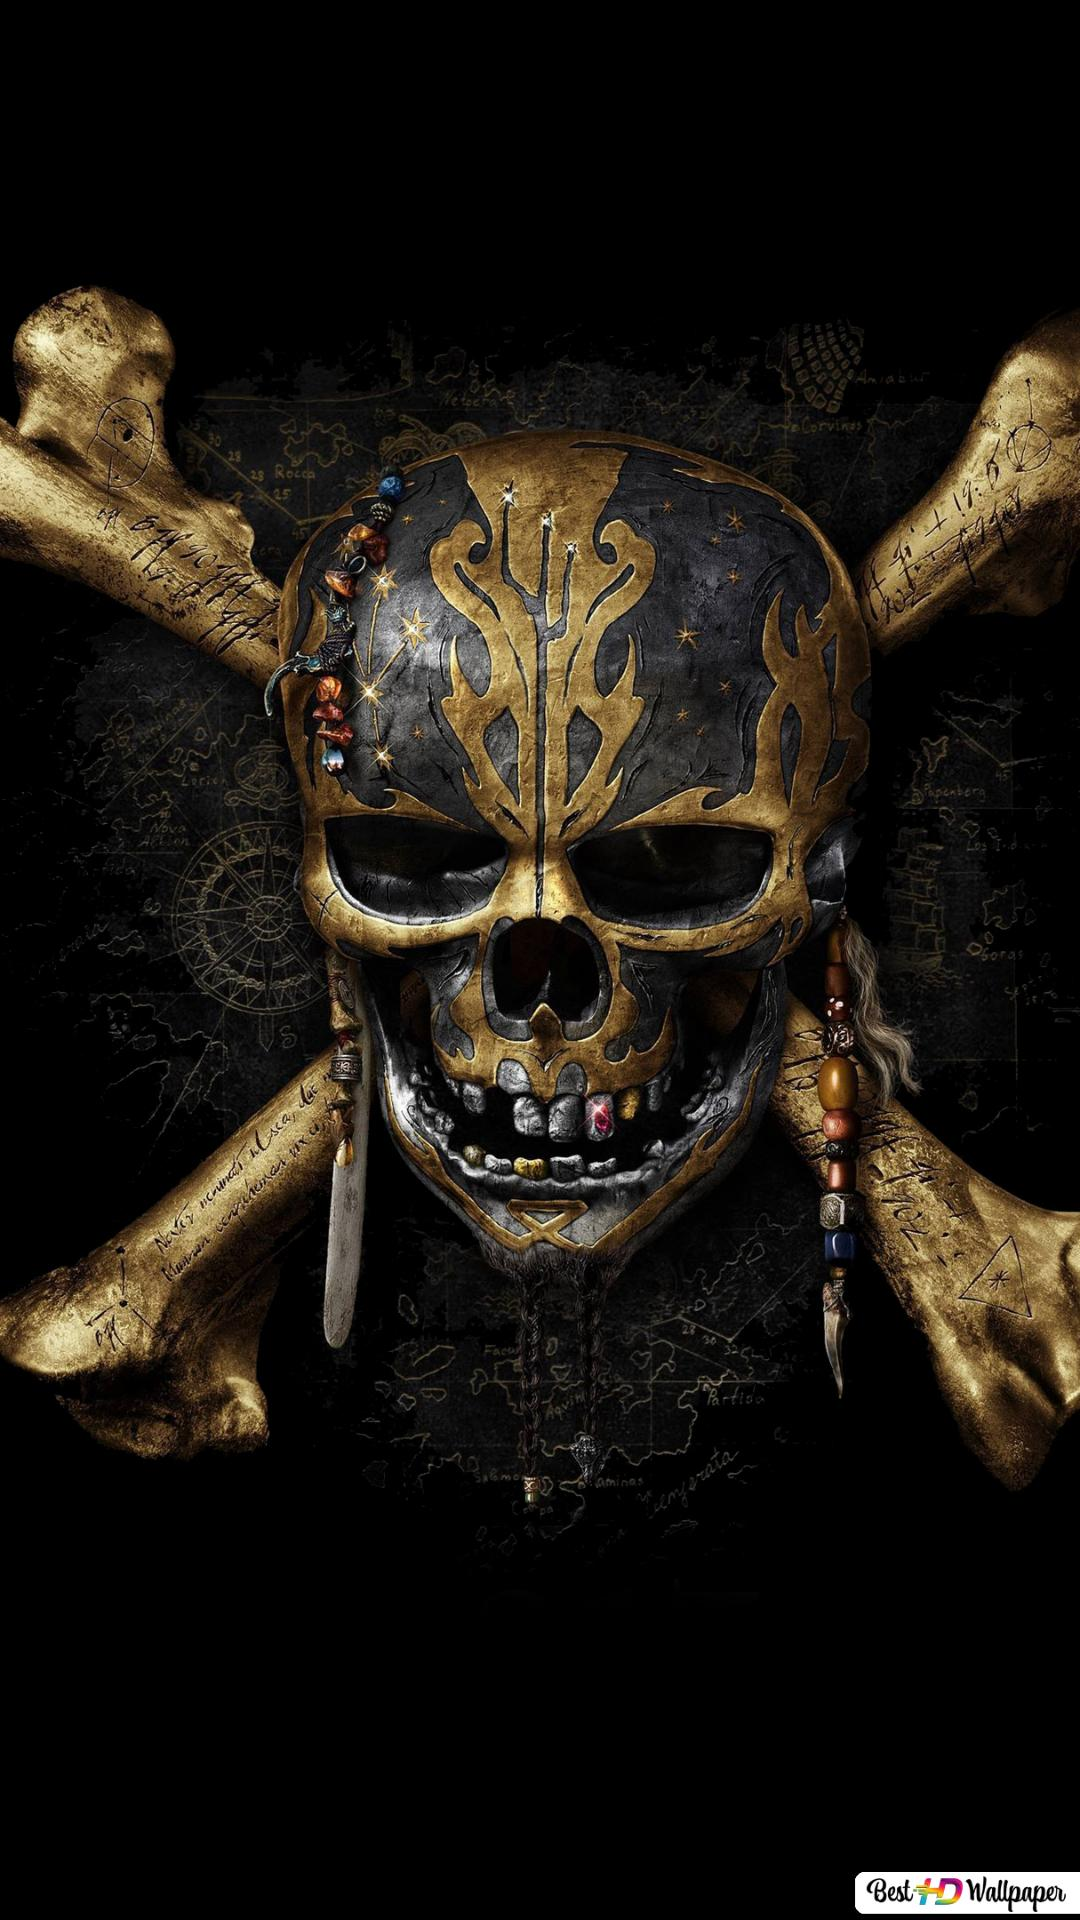 I Pirati Dei Caraibi Uomo Morti Non Parlano Download Di Sfondi Hd